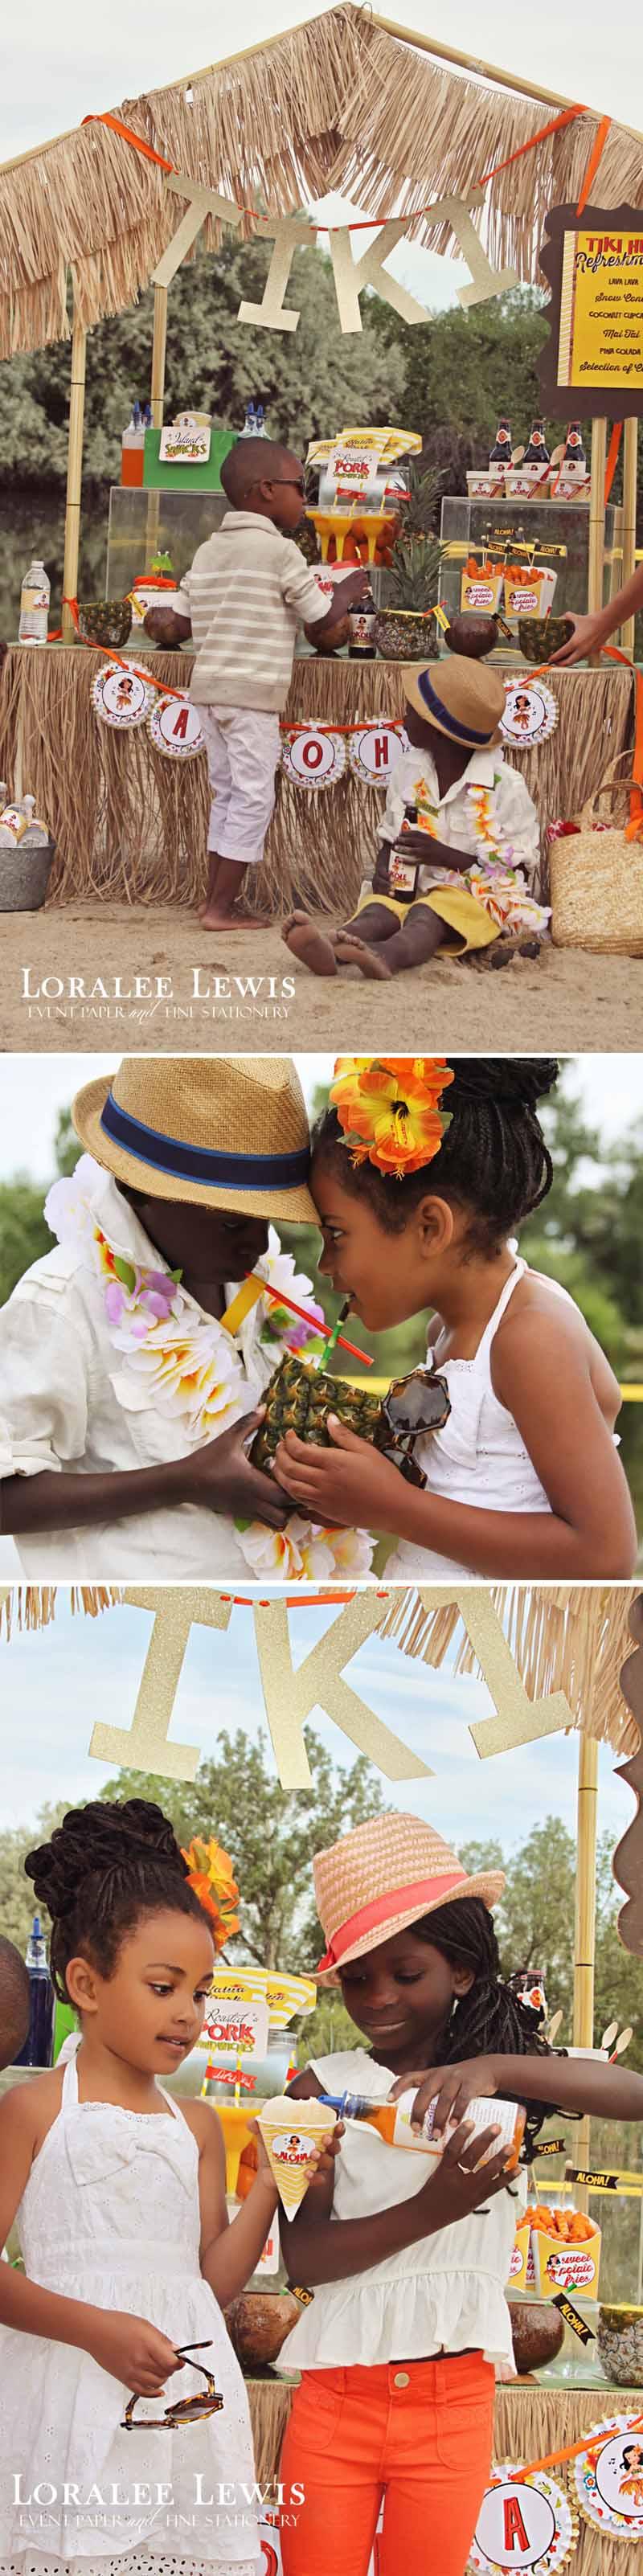 LoraleeLewisAlohaLuauParty8